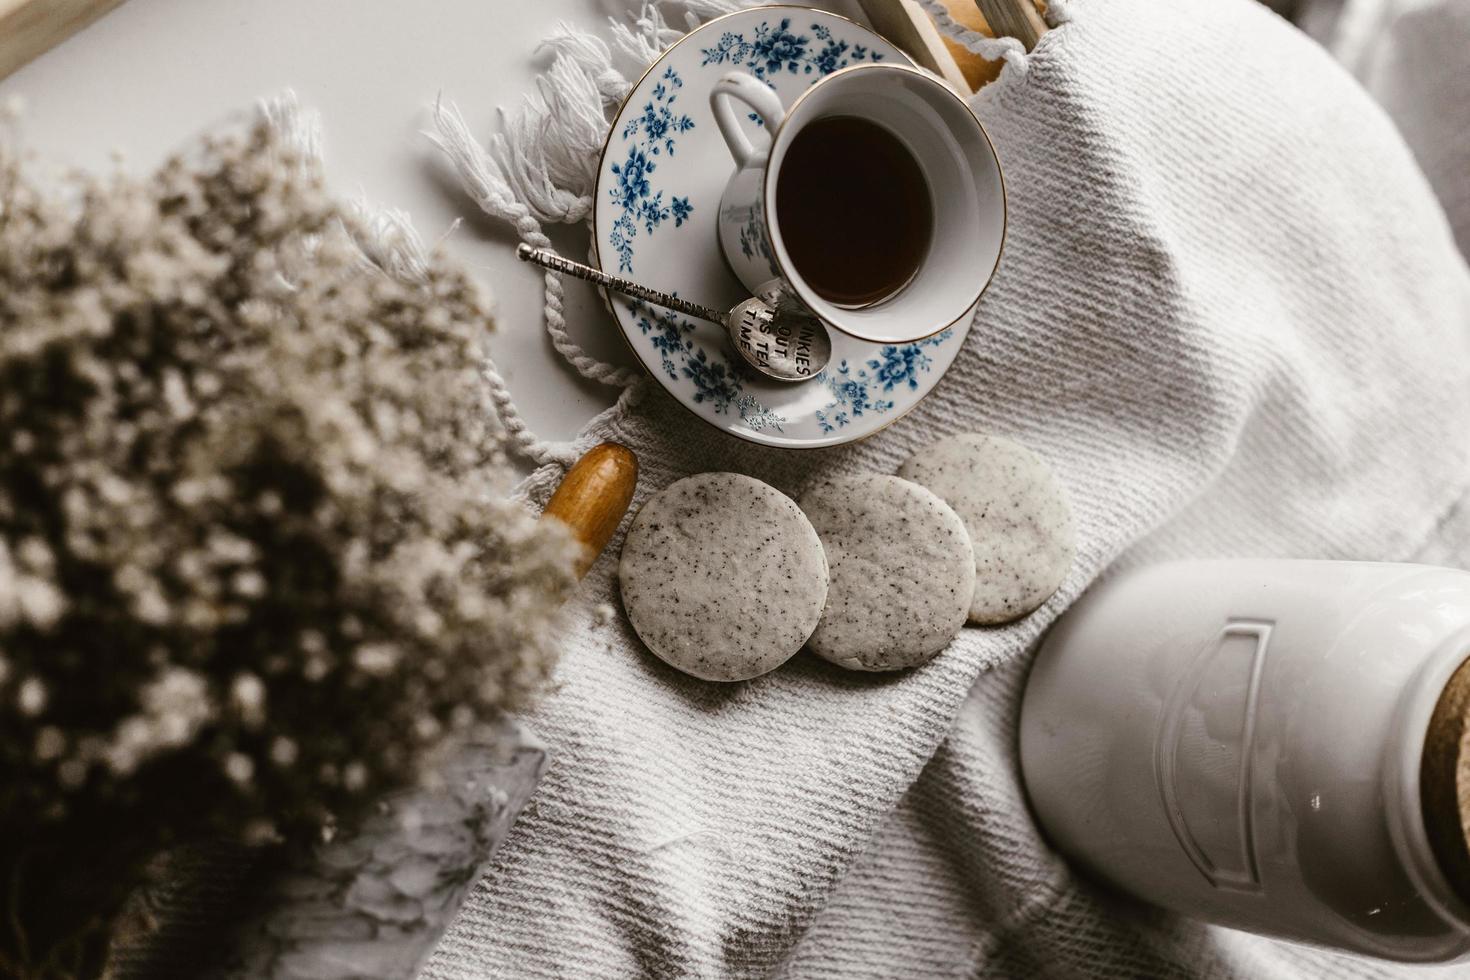 tasse en céramique blanche remplie de café photo